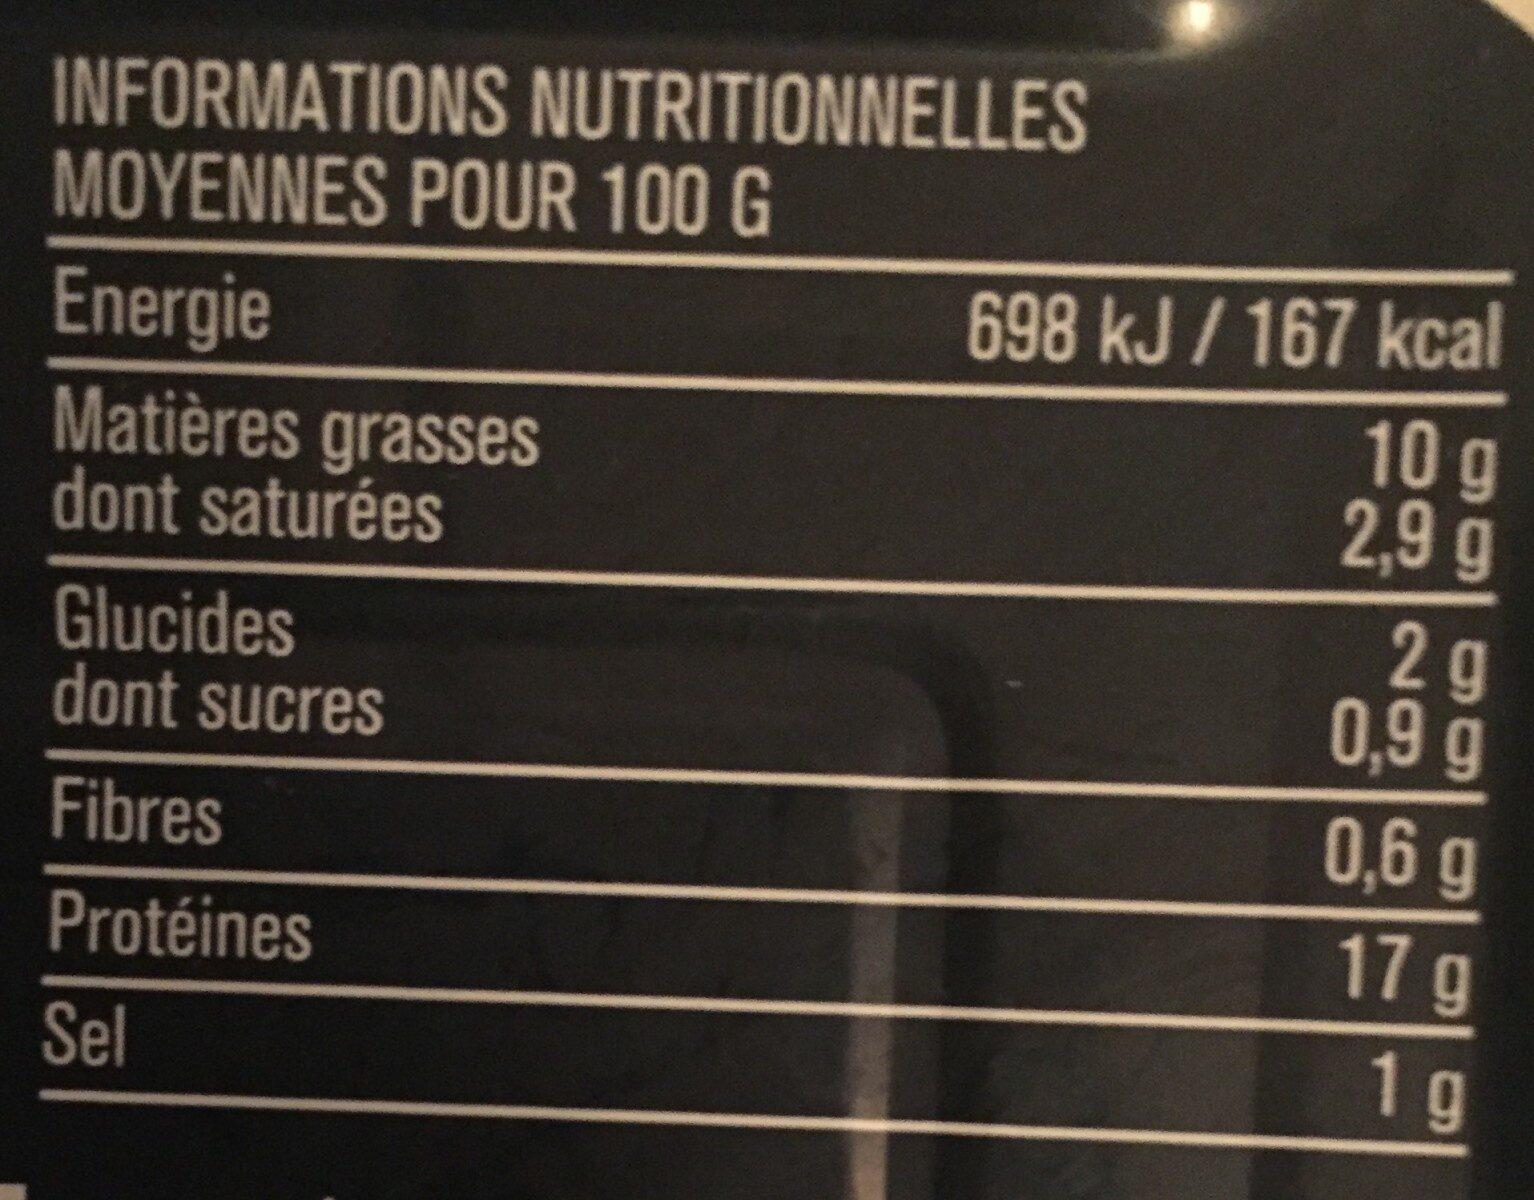 Filets de sardines (citron et basilic, sans huile) - Voedingswaarden - fr